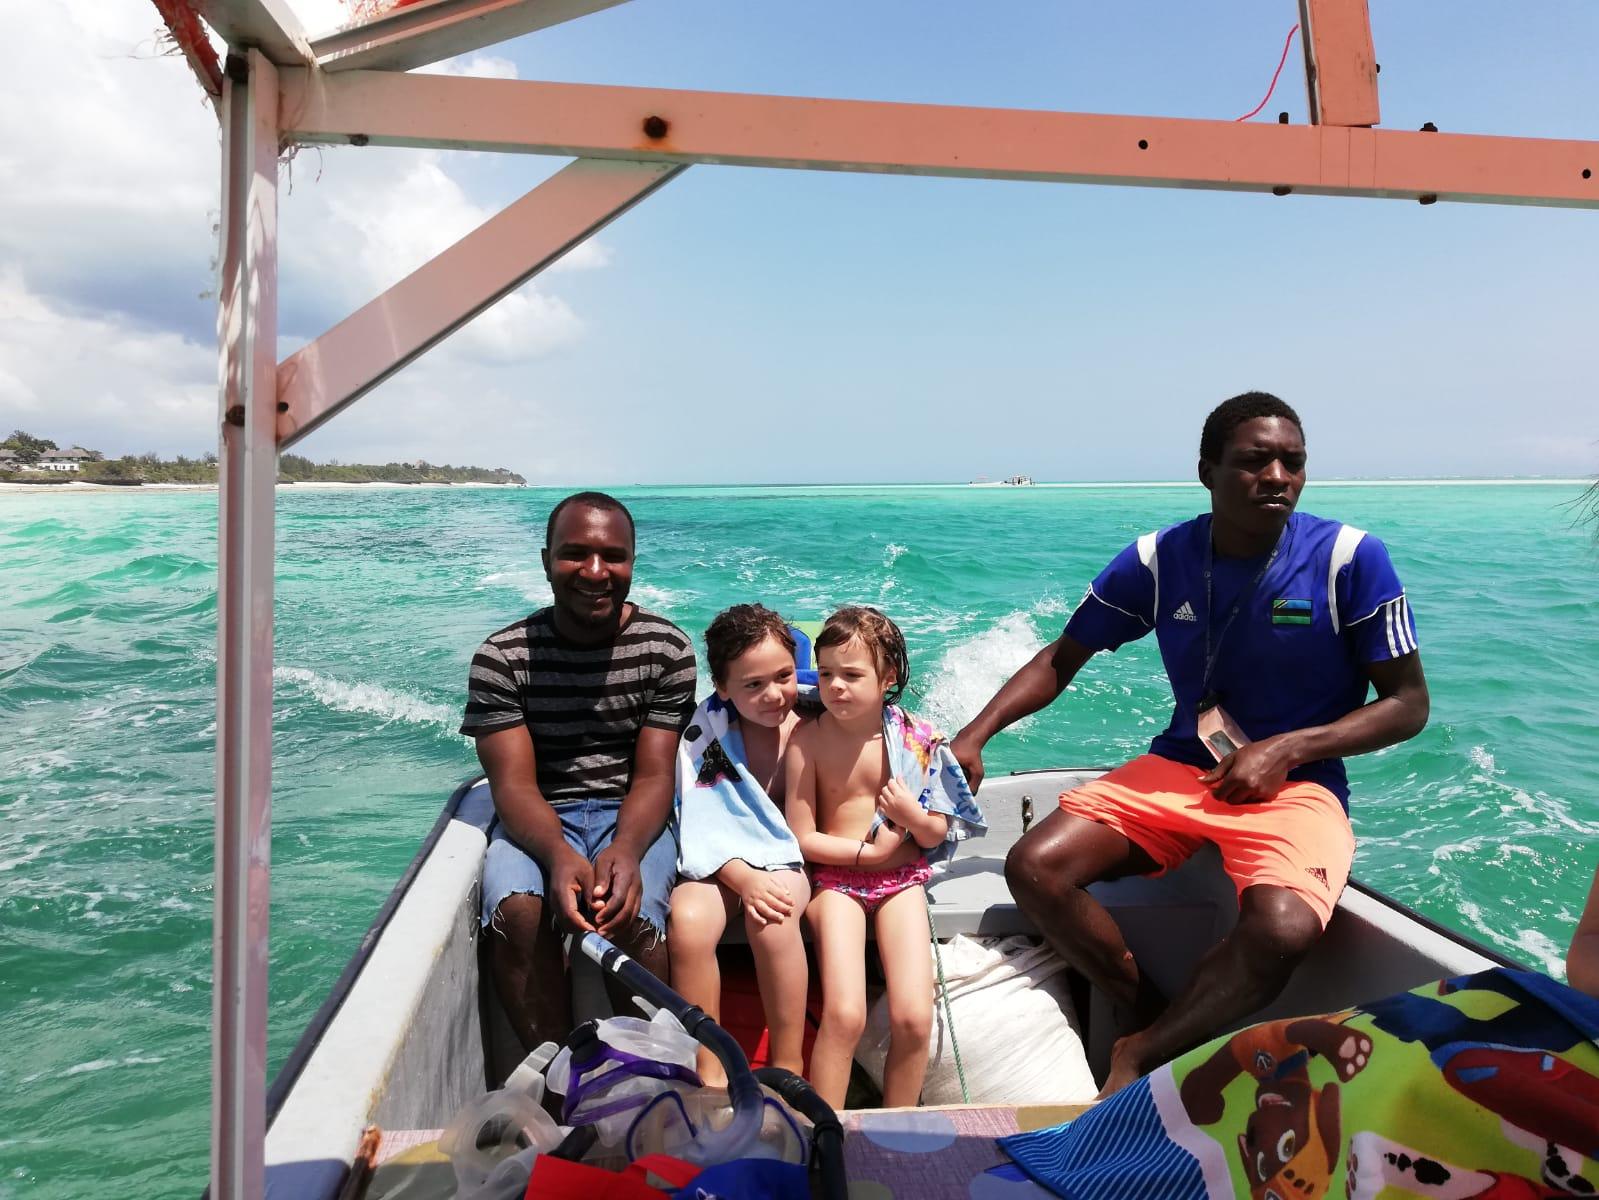 10 cose da fare a Zanzibar - in barca verso l'atollo di Mnemba